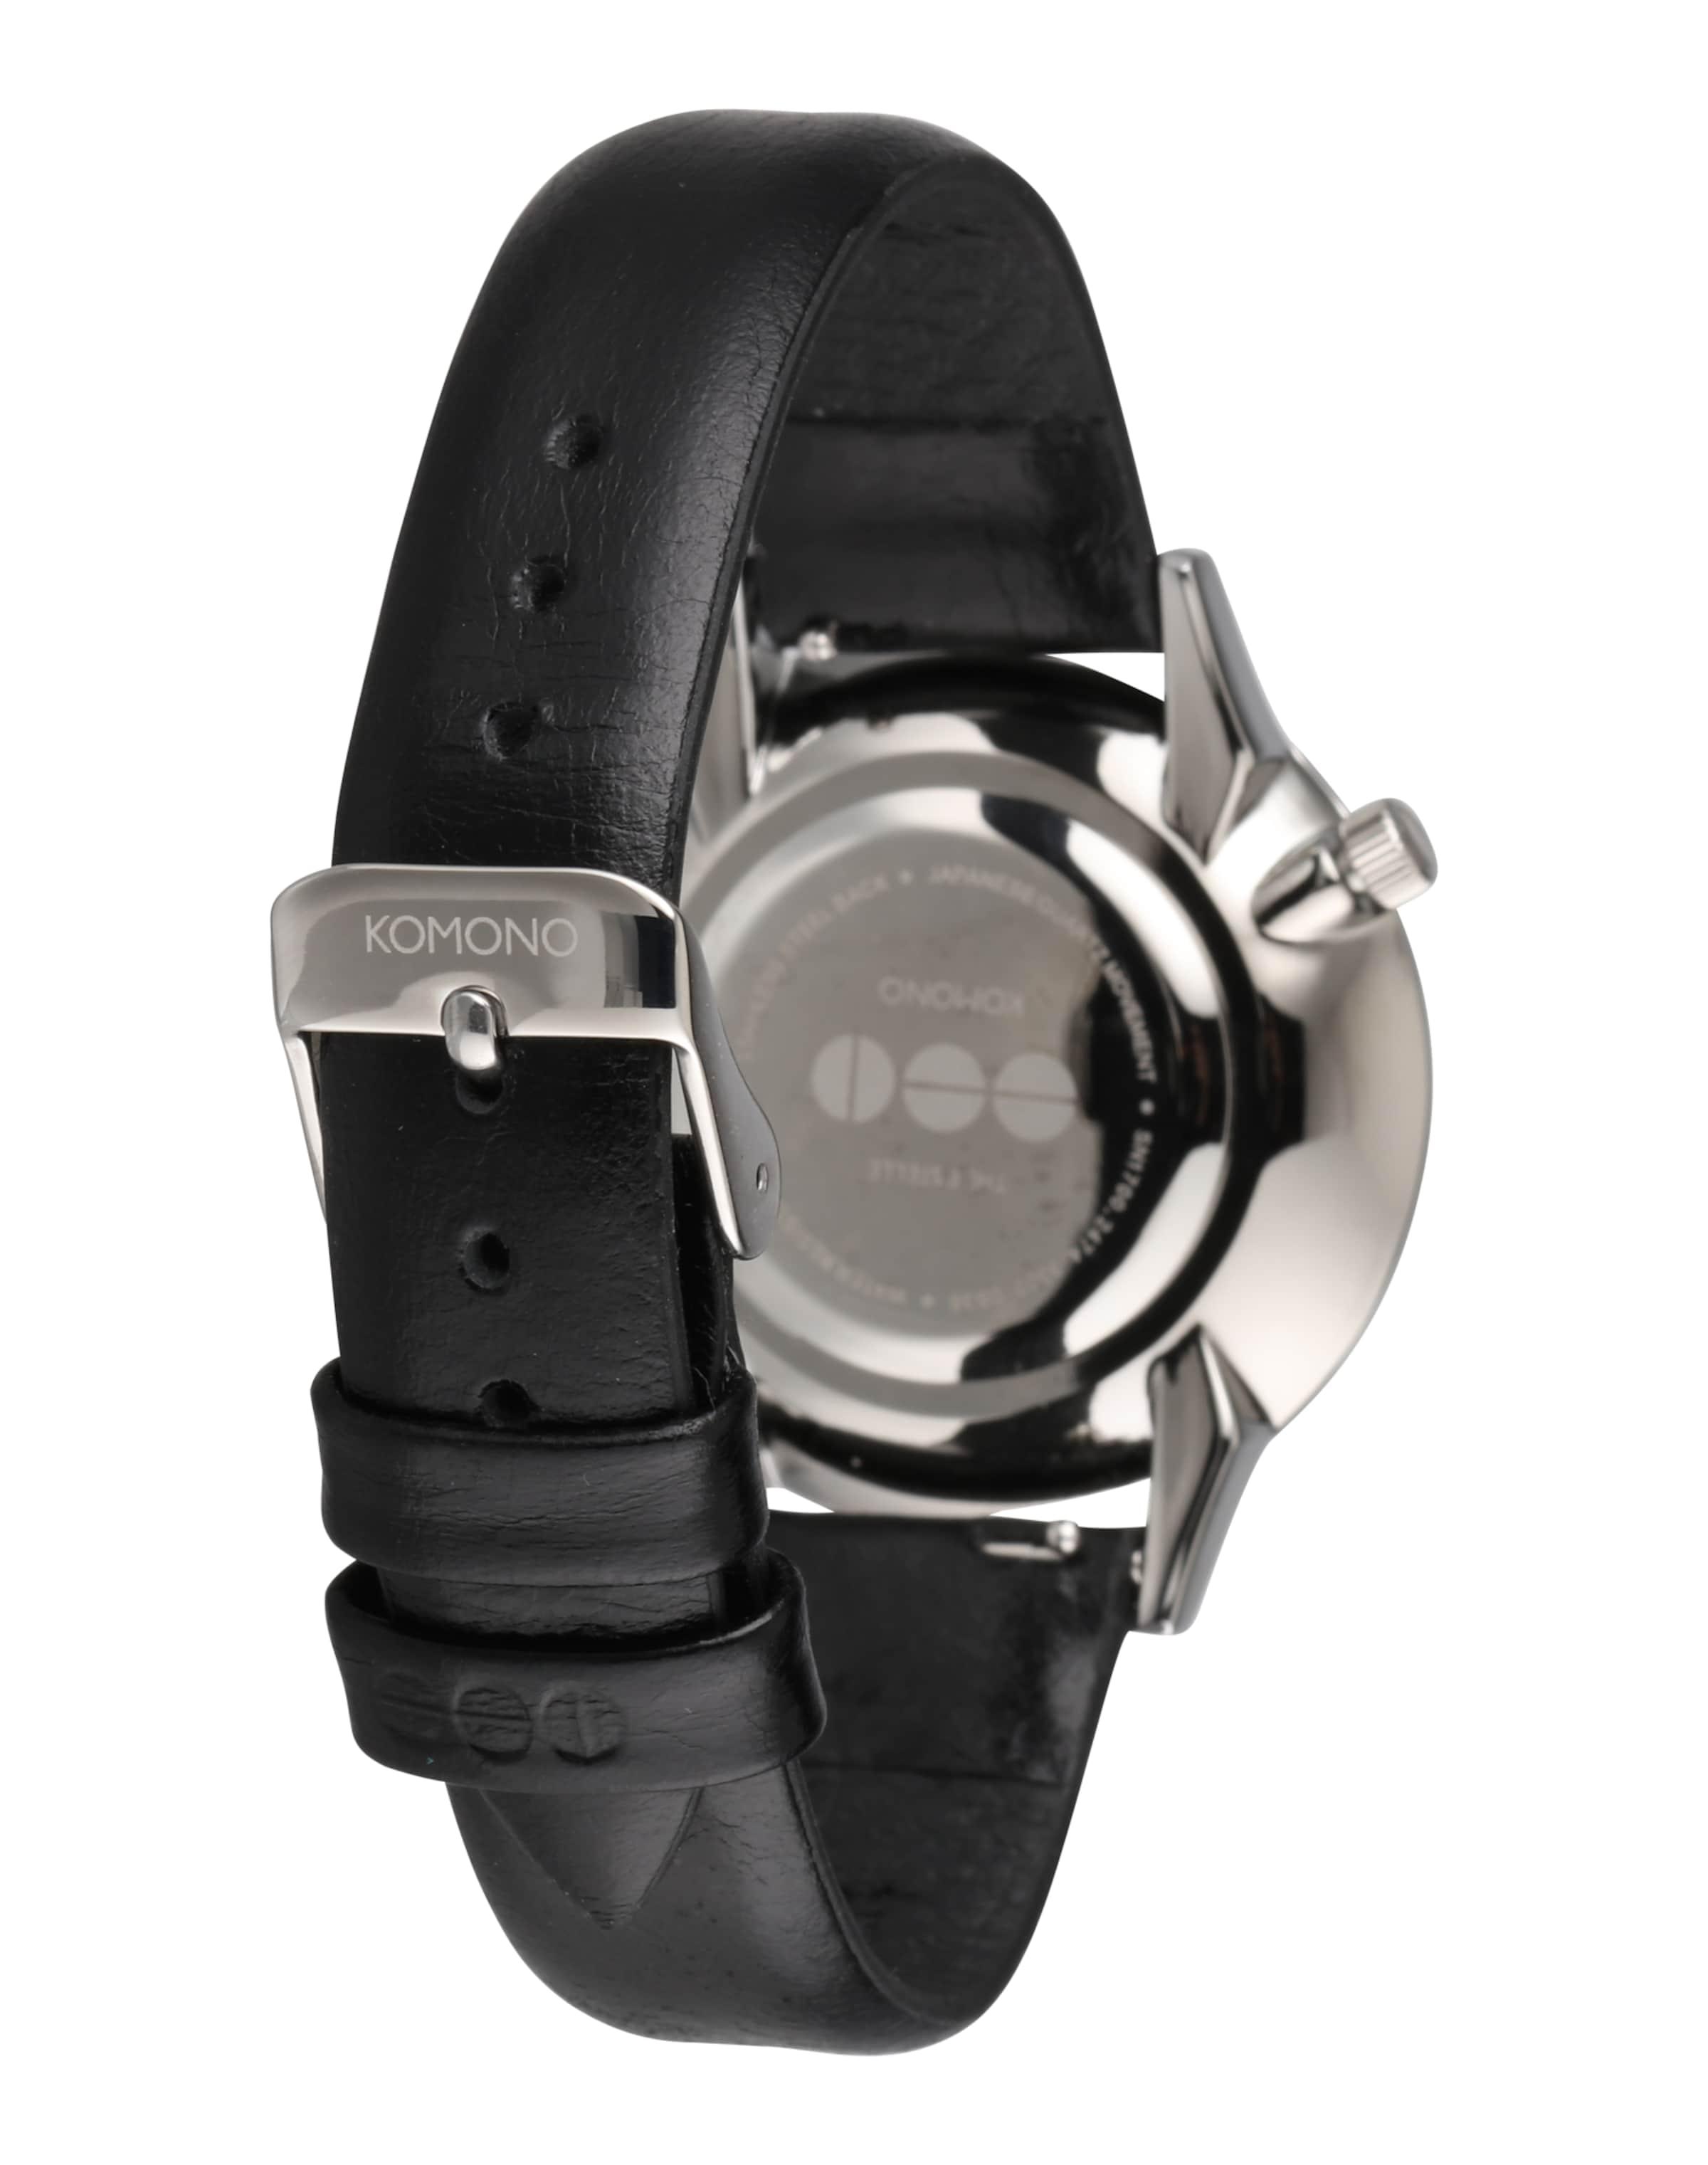 Verkauf Wie Viel Komono Armbanduhr 'Estelle marble' Gut Verkaufen Billig Verkauf Große Diskont 7867qINQ